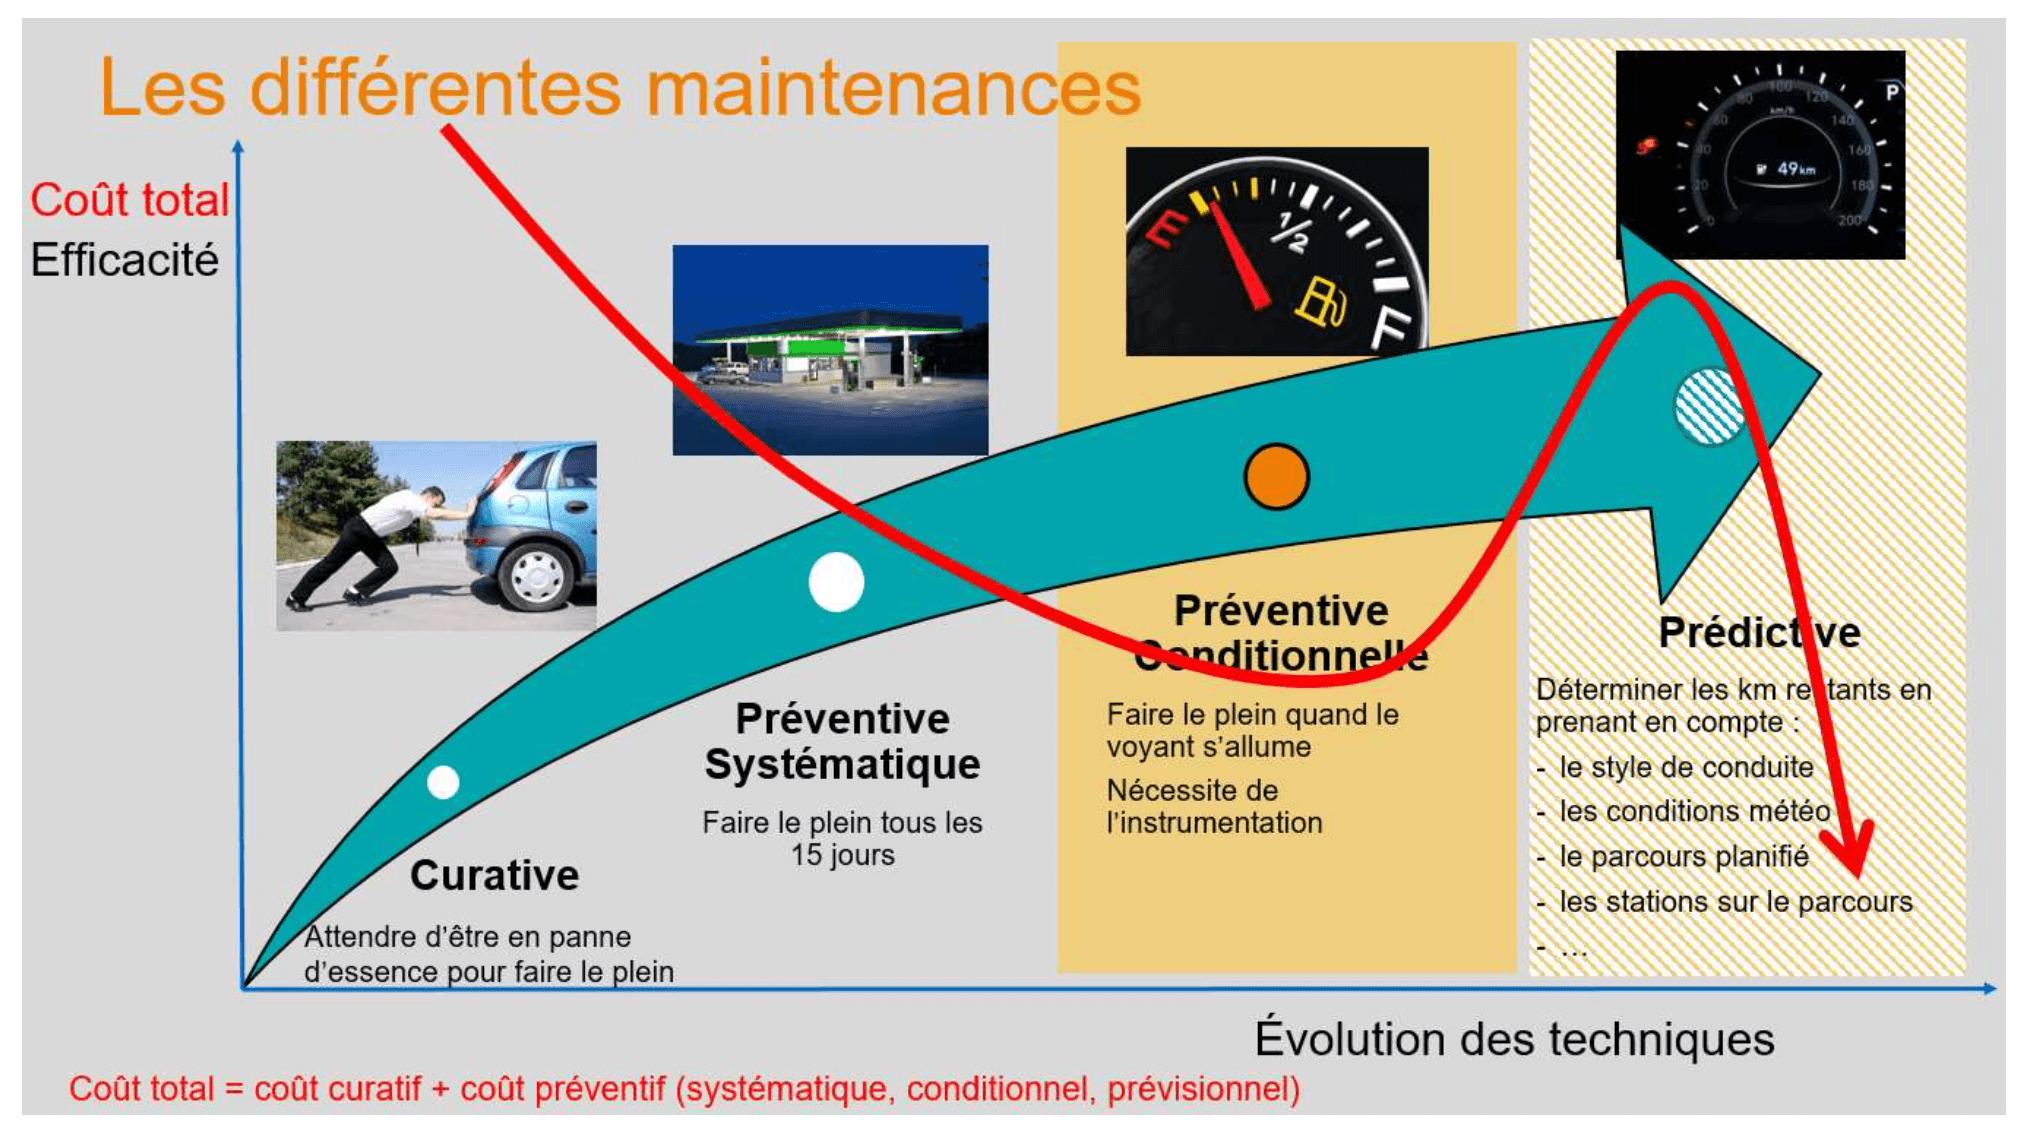 Différences des maintenances sur les machines industrielles